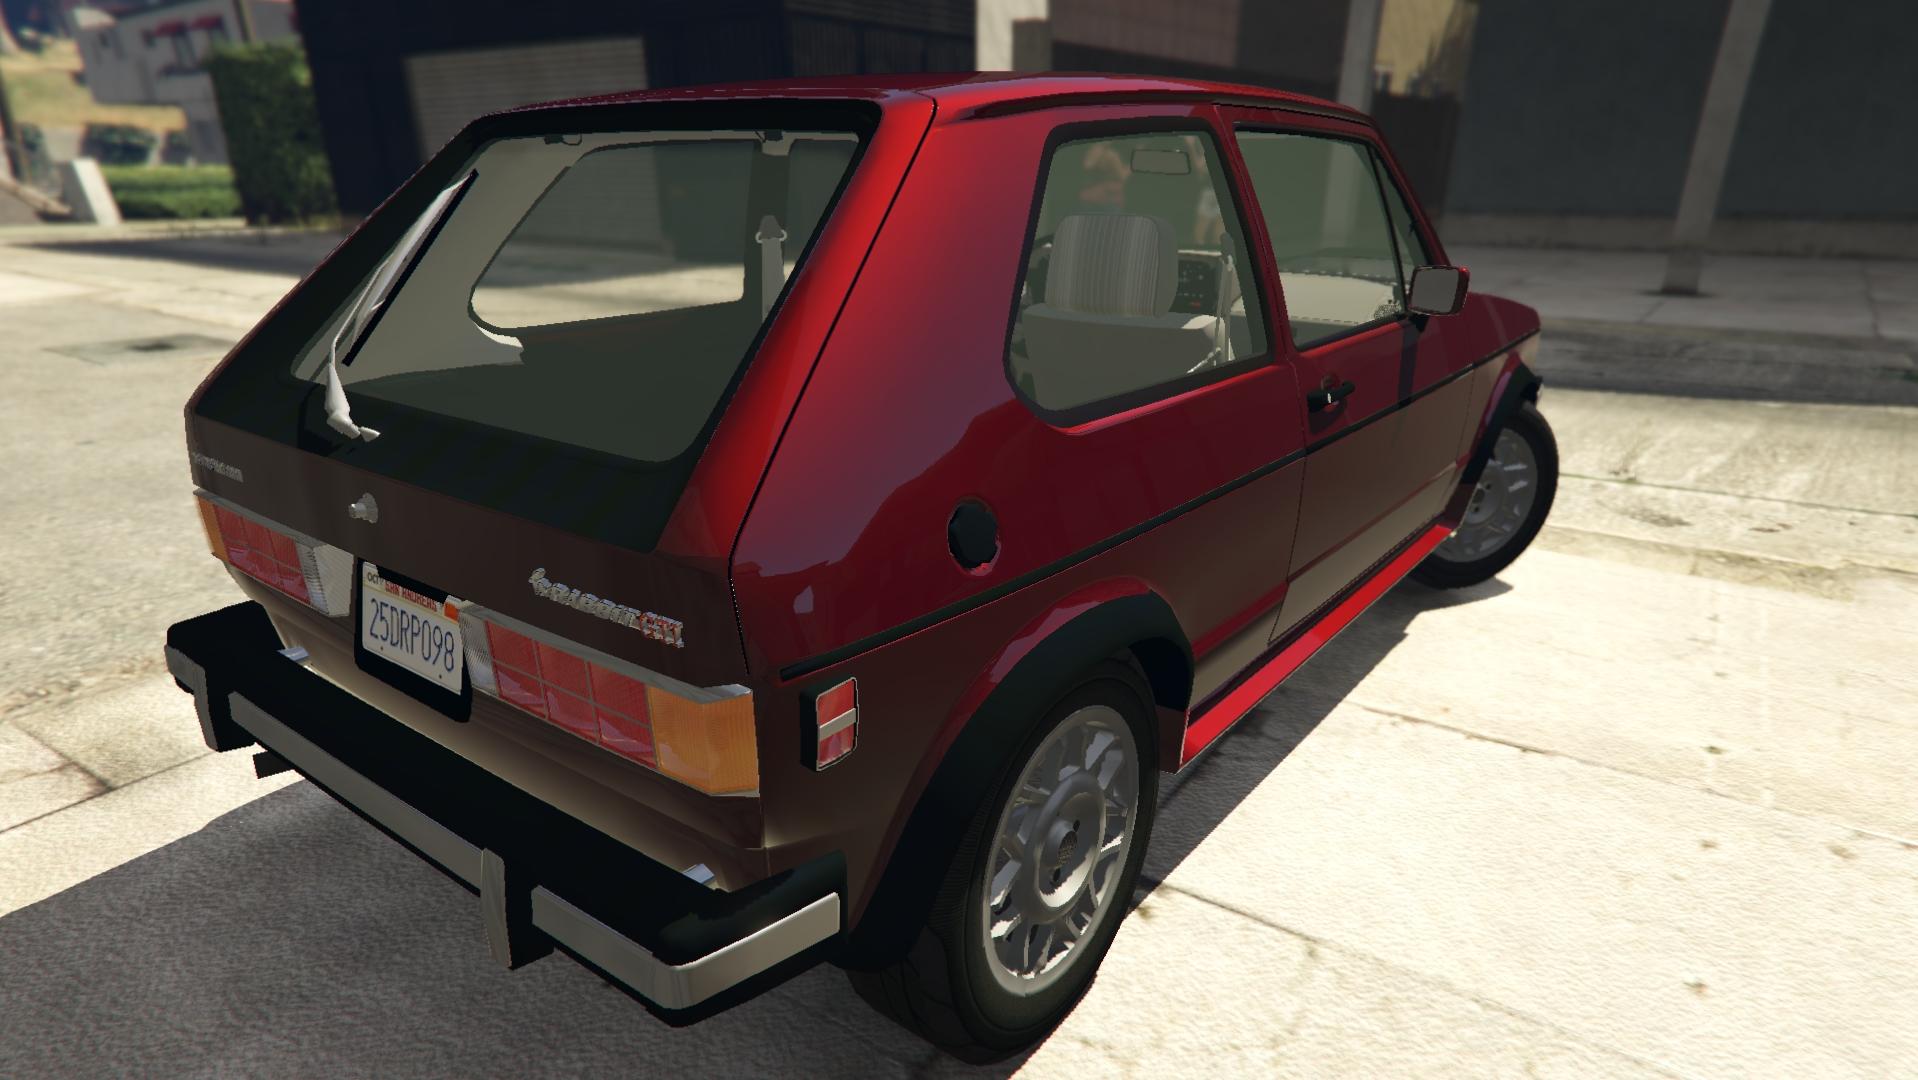 Volkswagen Rabbit 1986 для GTA V - Скриншот 2